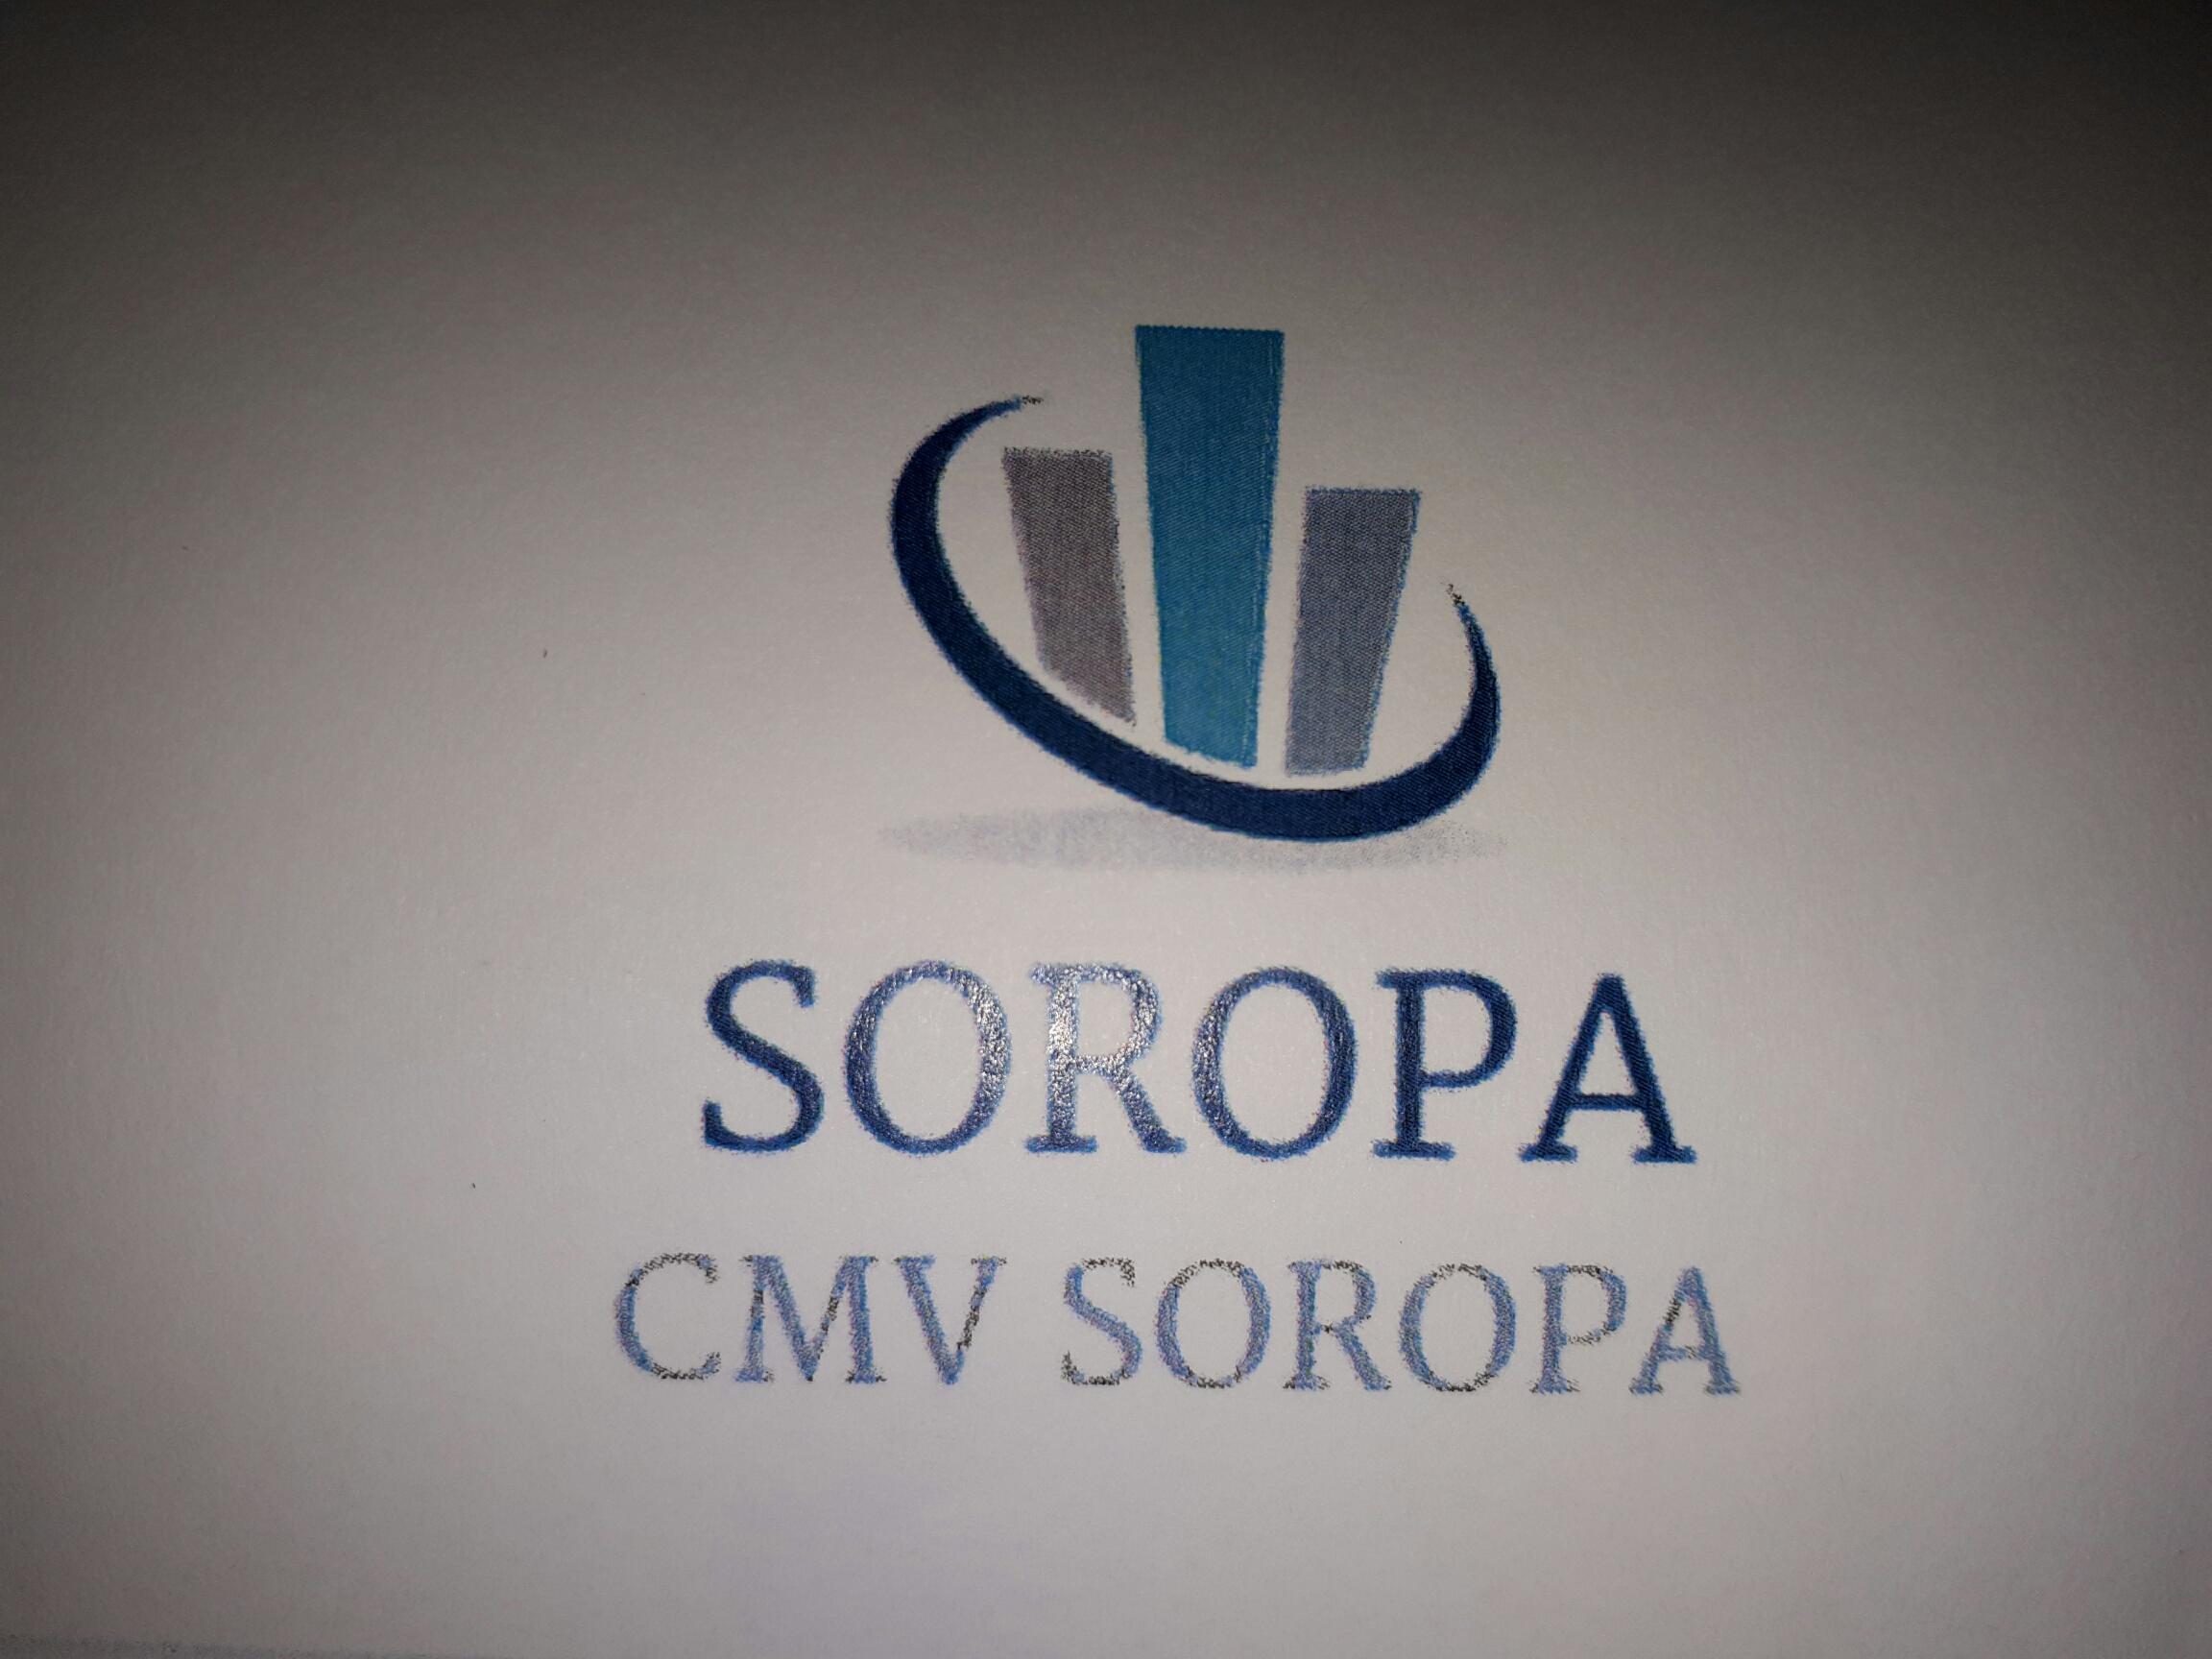 CMV SOROPA